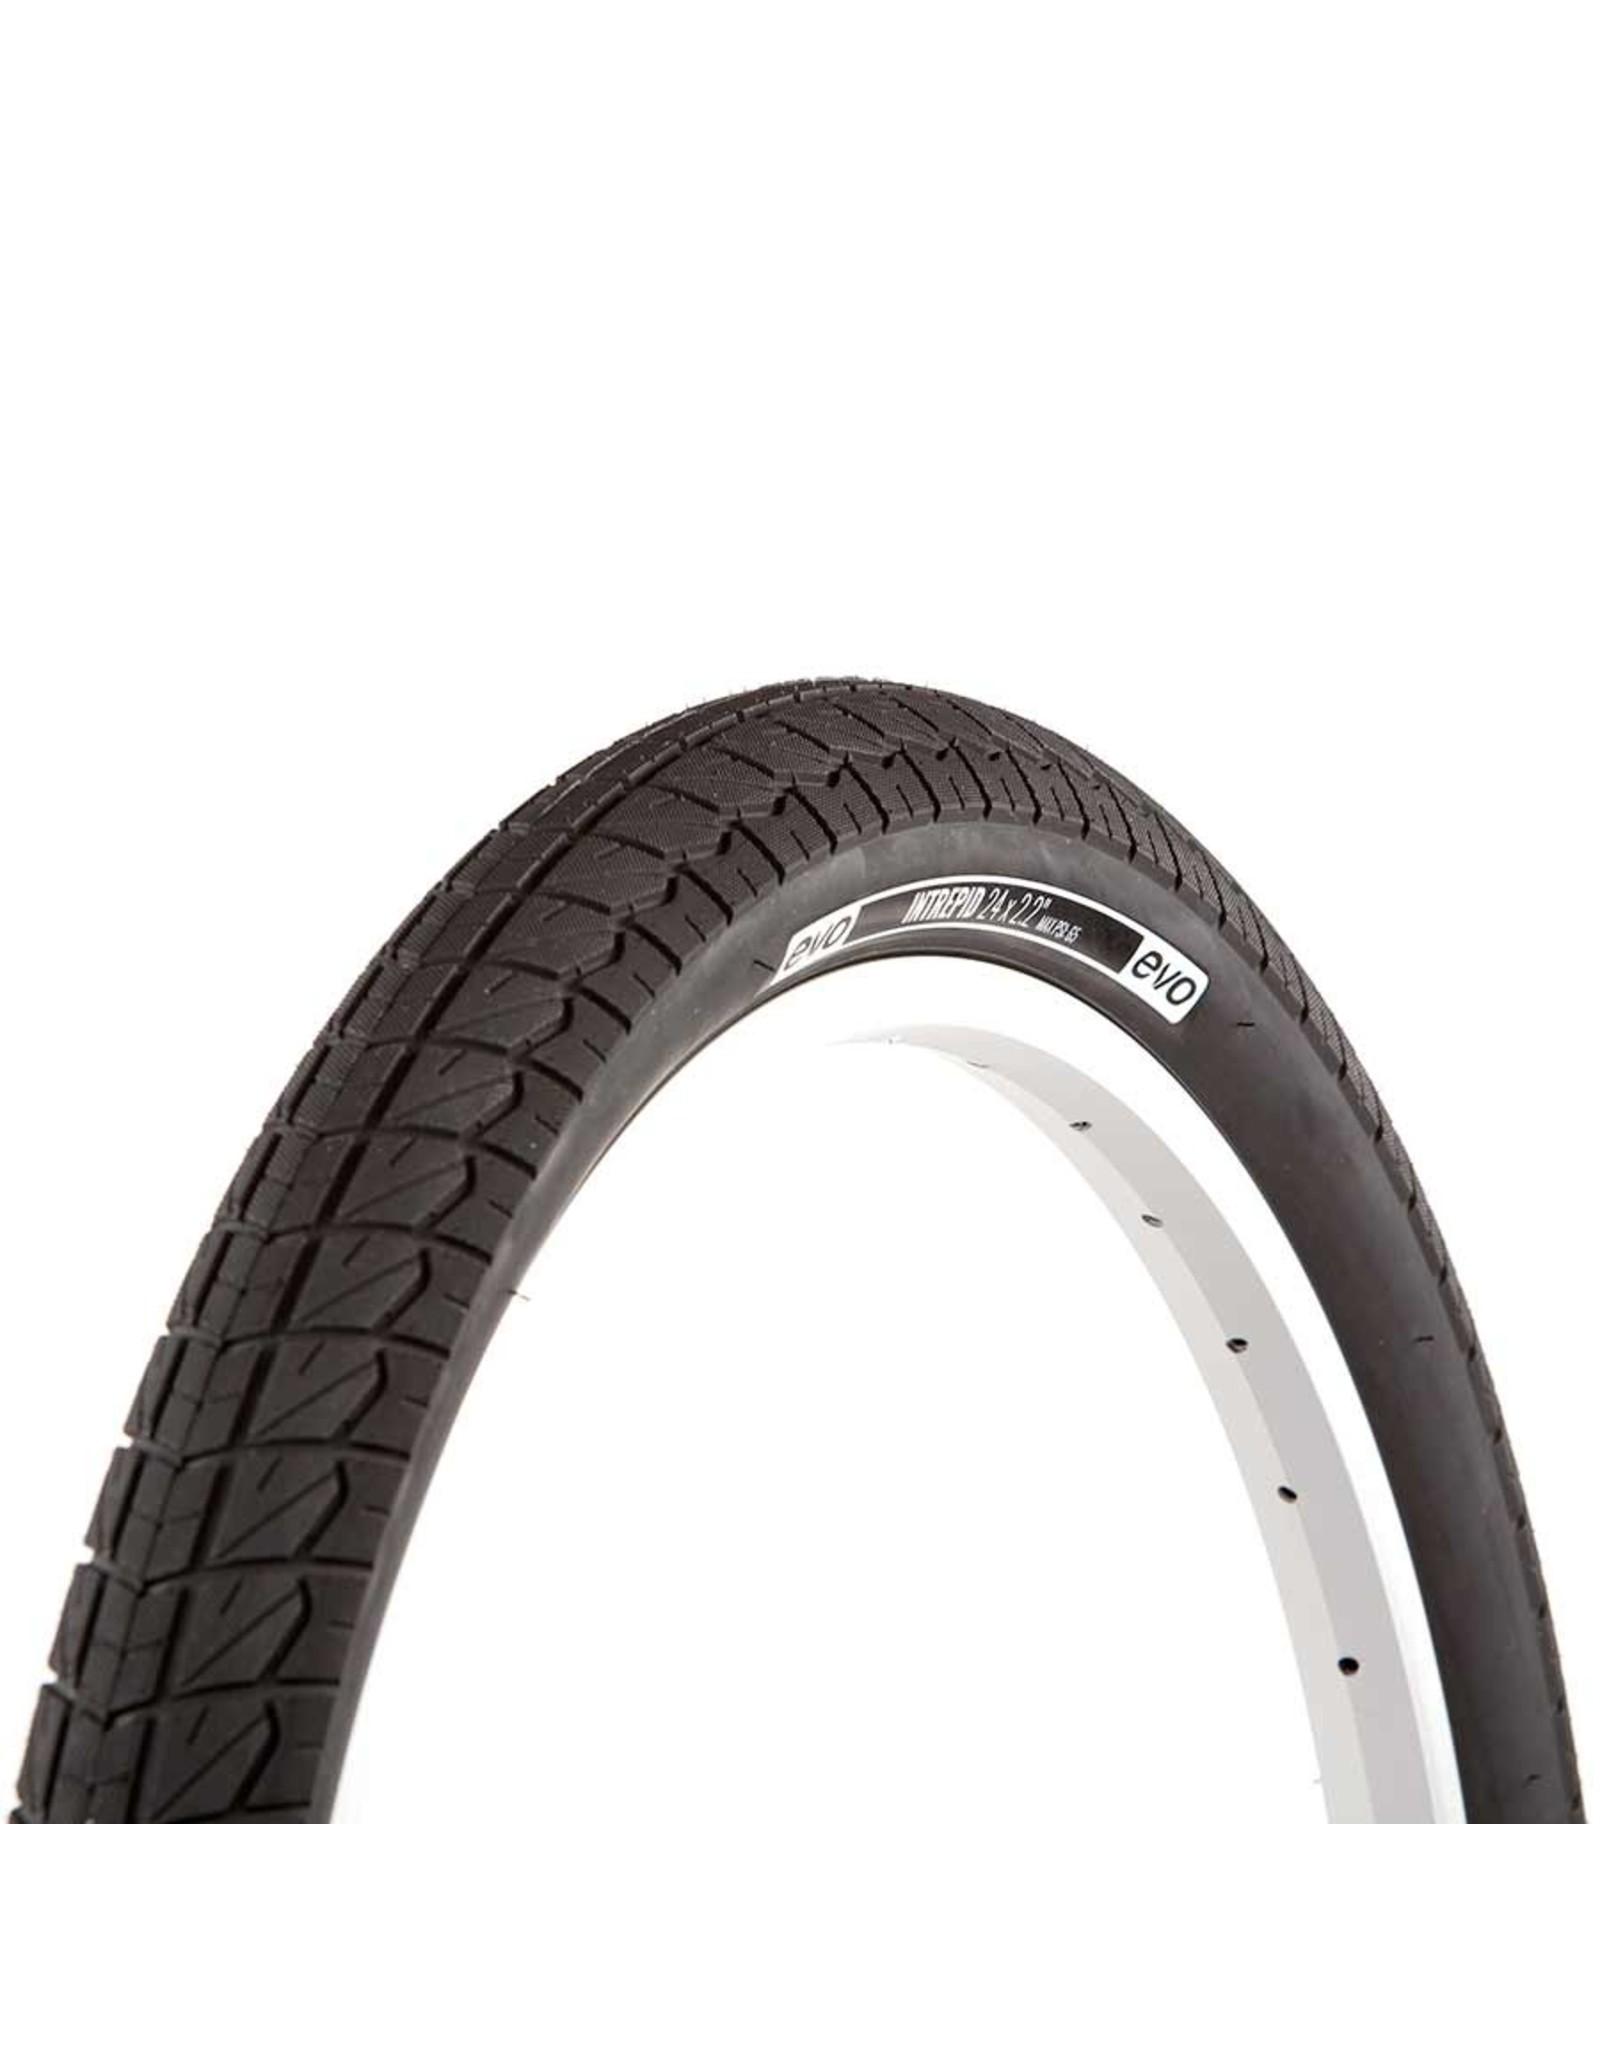 EVO EVO, Intrepid, Tire, 20''x2.40, Wire, Clincher, Black